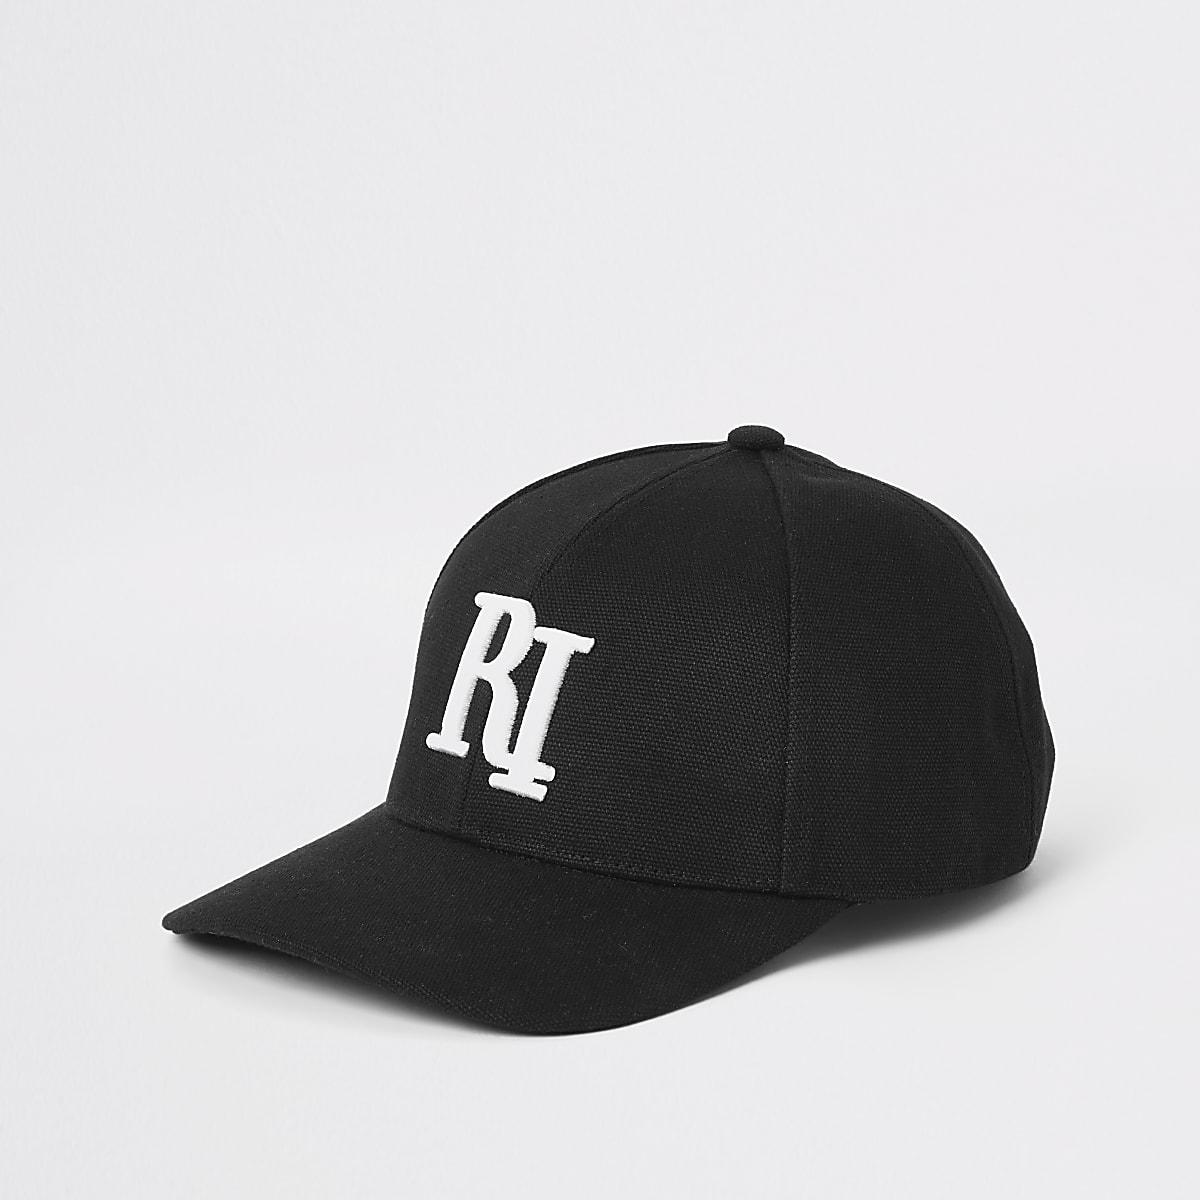 Zwarte baseballpet met RI-logo